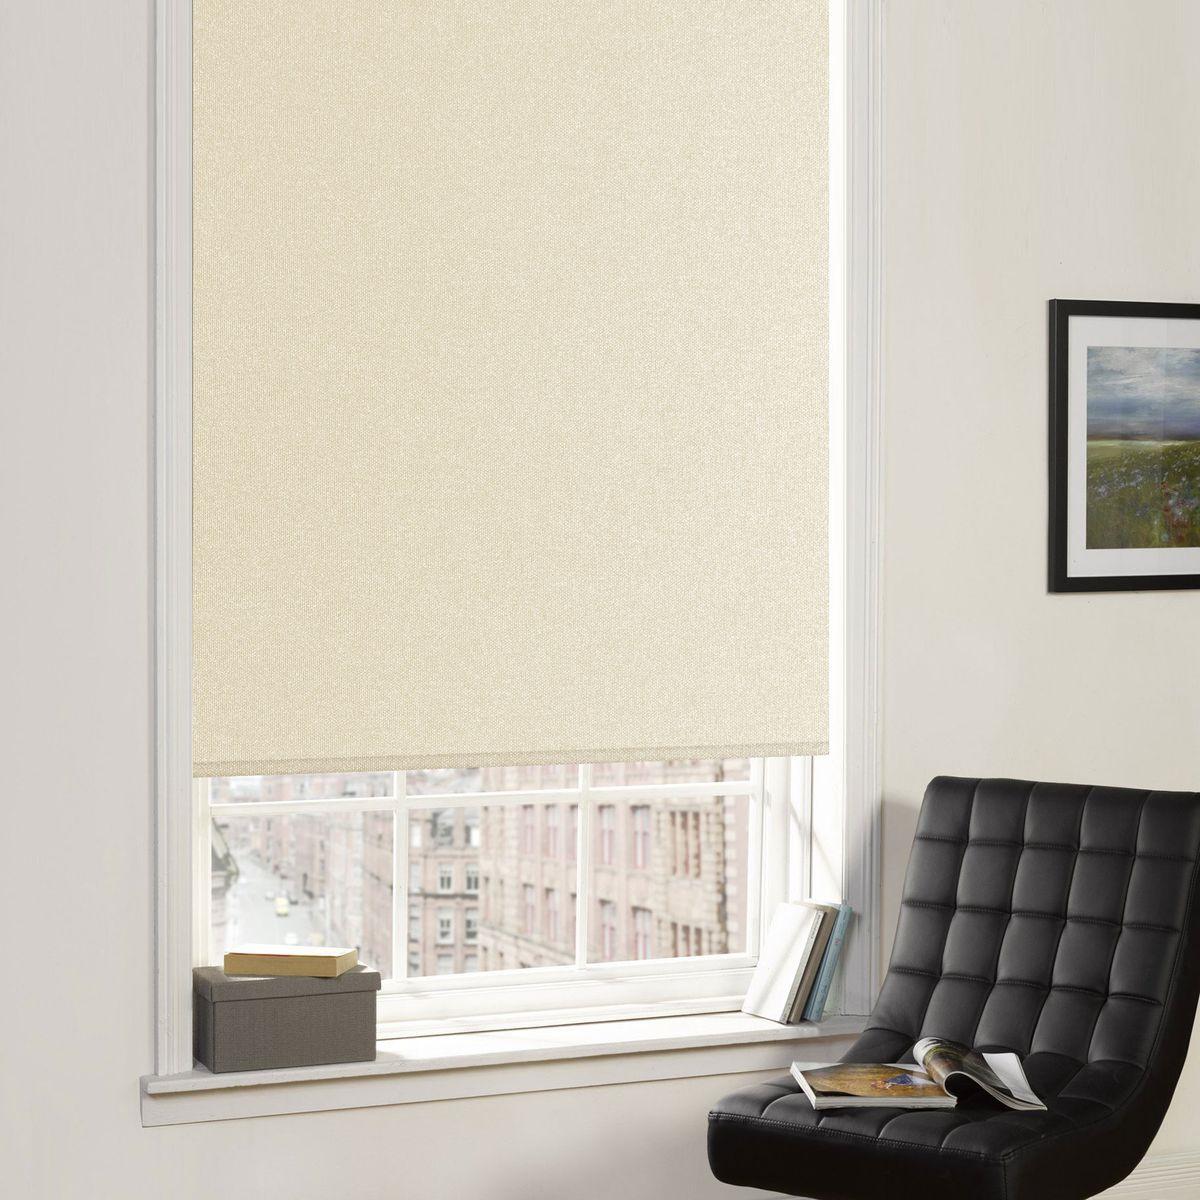 Рулонные шторы Garden (Текстиль) Blackout, Ширина100 см, Однотонный